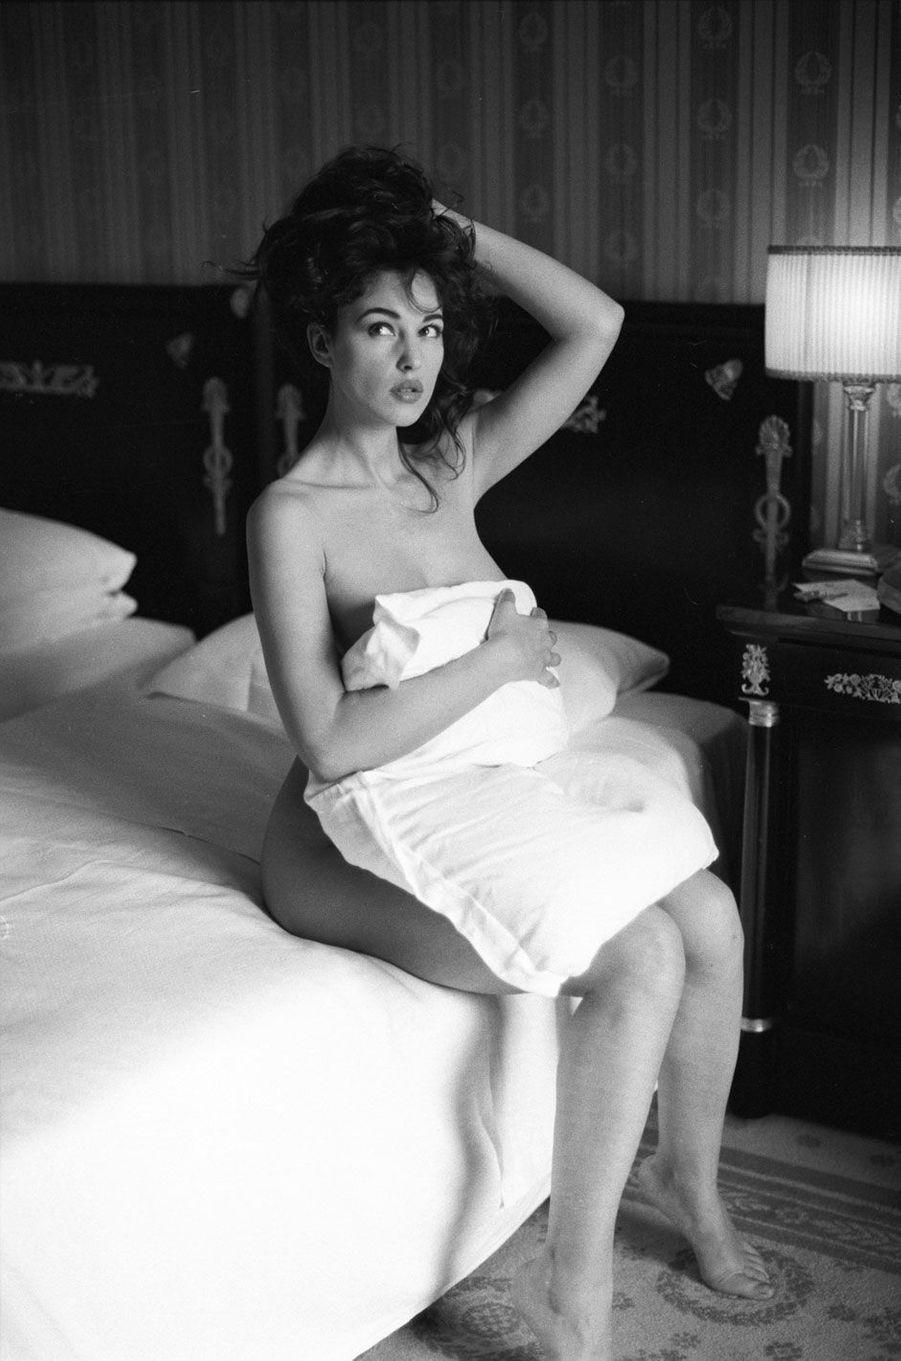 Monica Bellucci est considérée comme l'une des plus belles femmes du monde